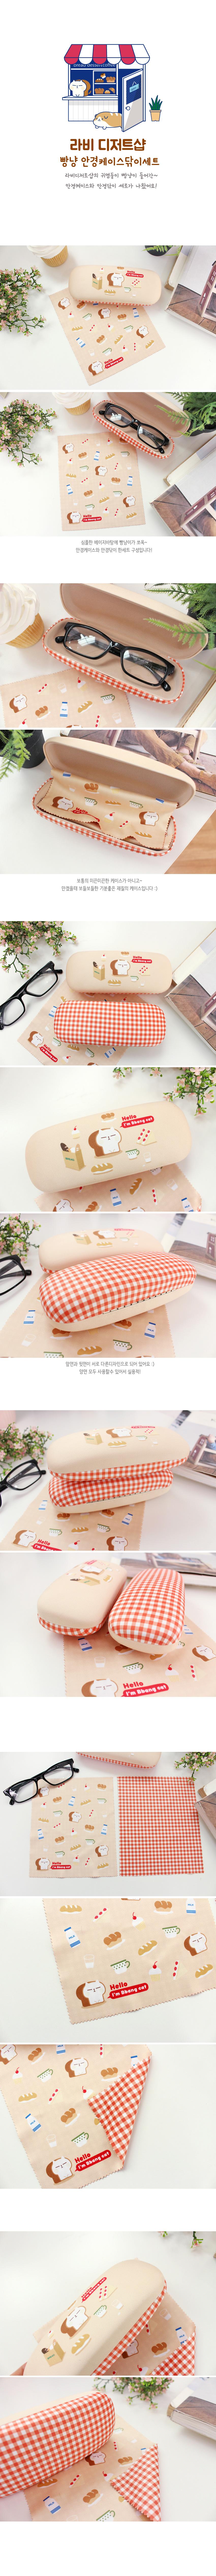 빵냥 안경케이스 닦이세트 - 캐릭터타운, 10,000원, 휴대아이템, 안경/렌즈케이스